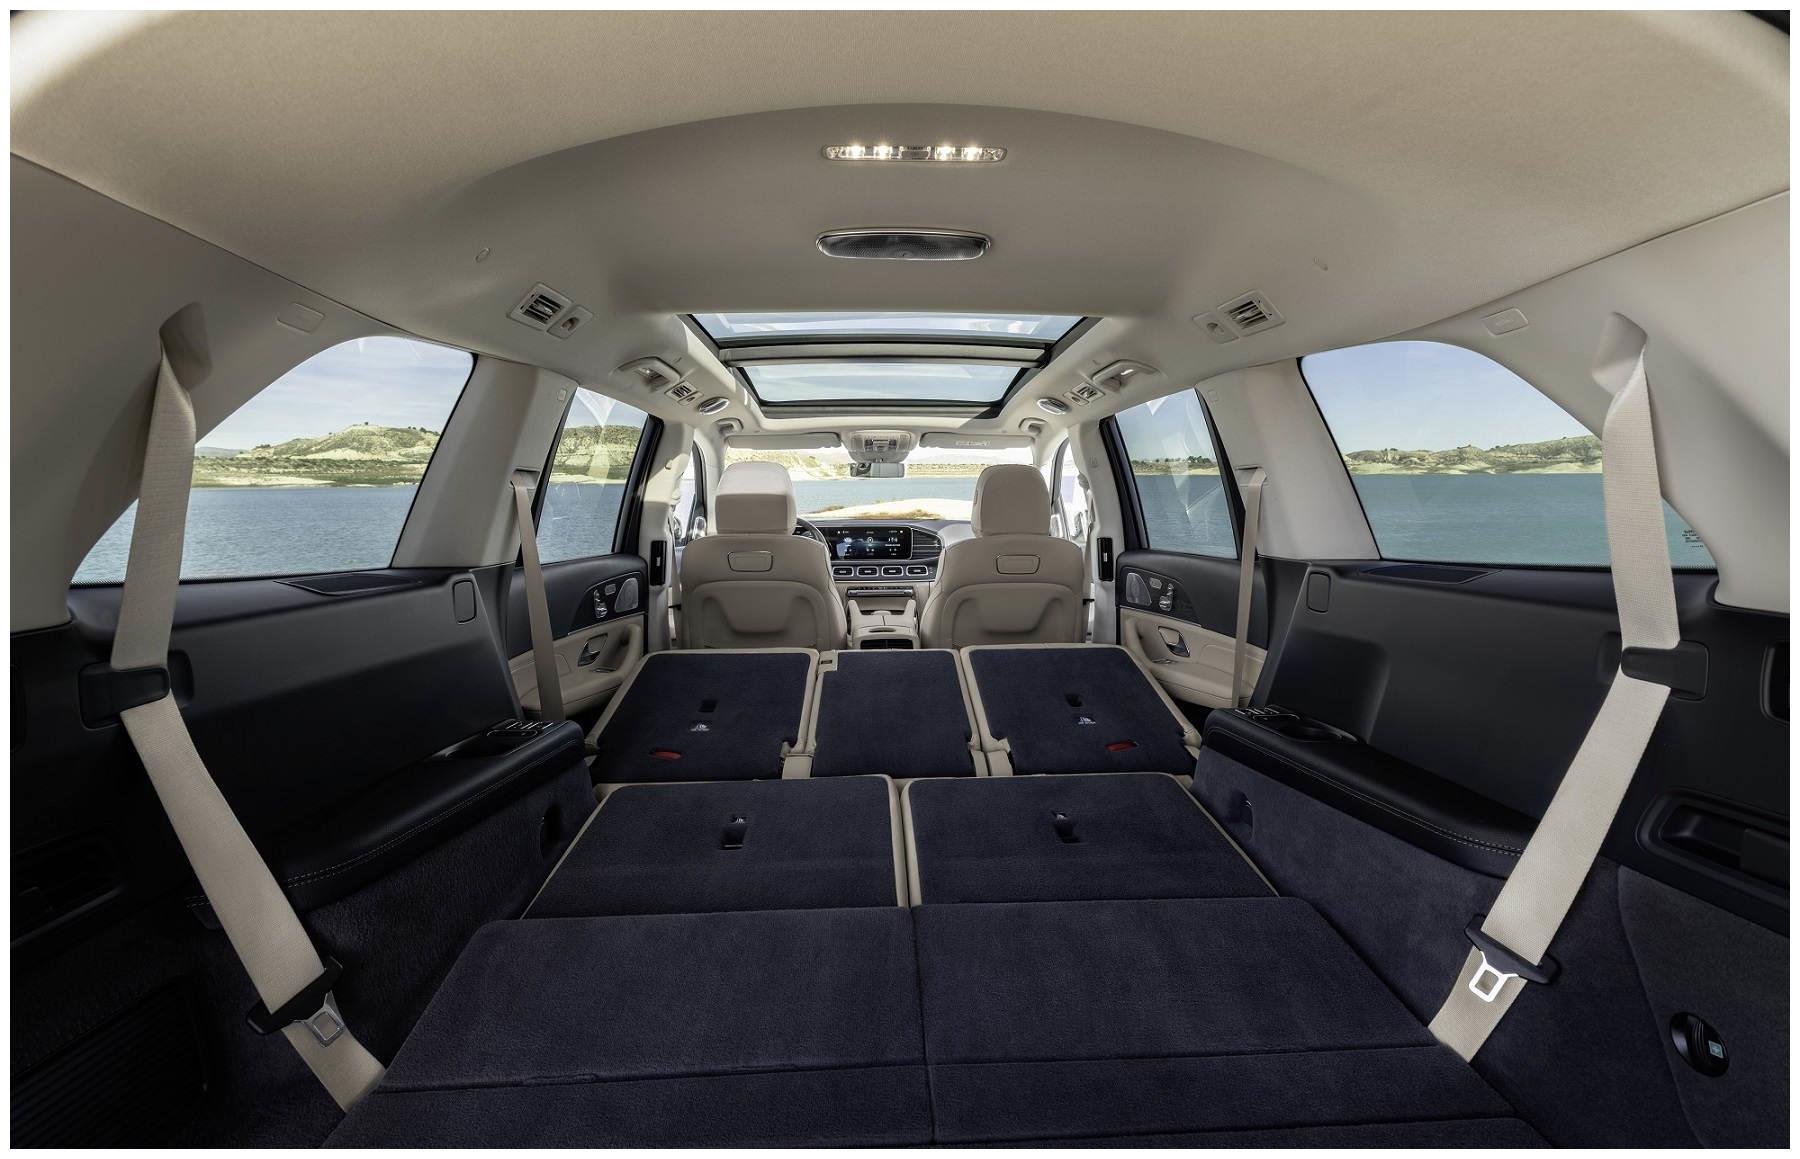 奔驰家族首款6座SUV 全新奔驰GLS纽约车展首发